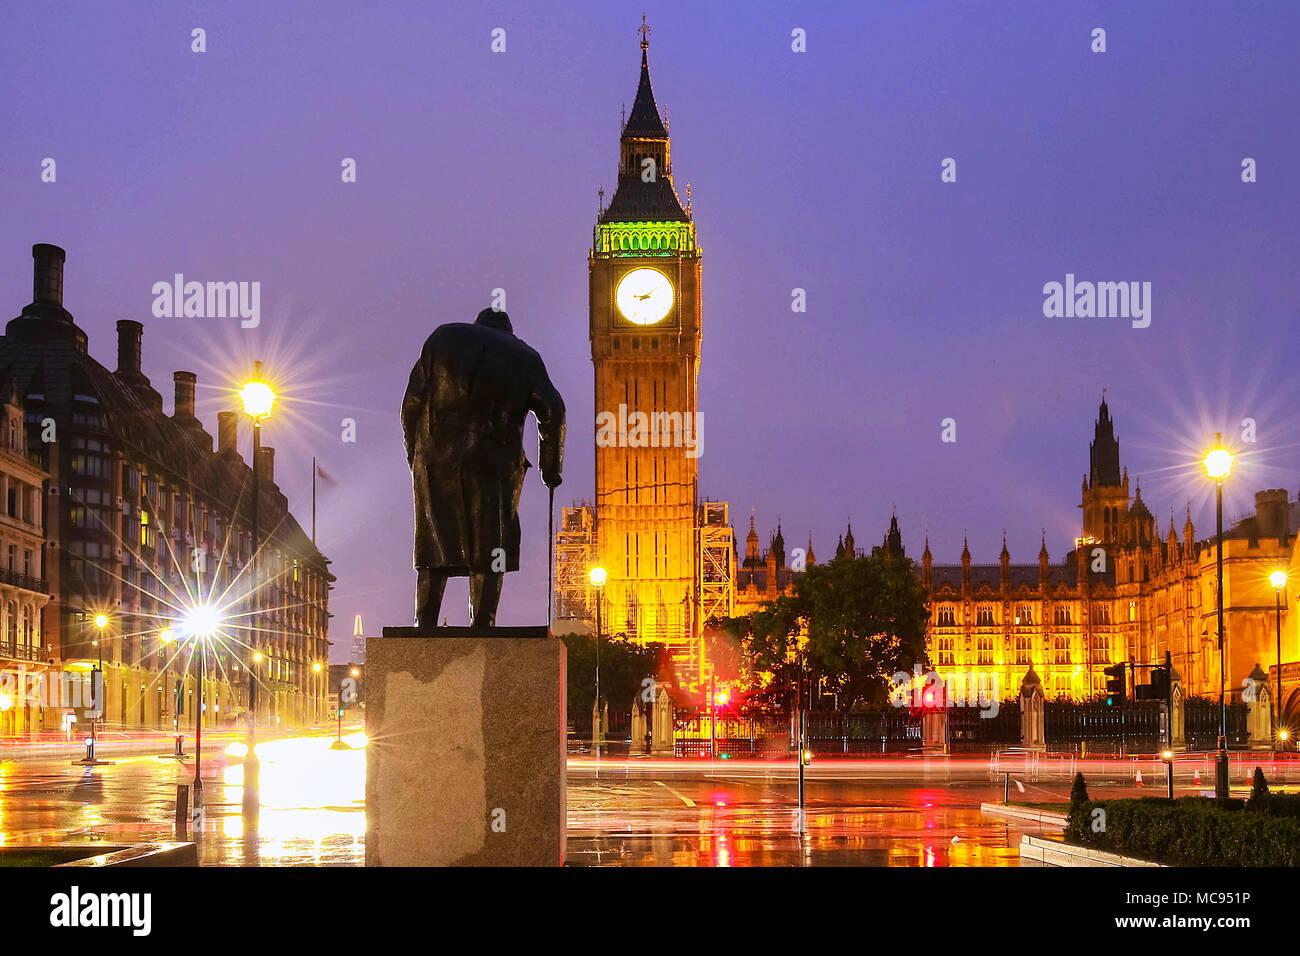 Der Big Ben Tower im regnerischen Nacht, London, Vereinigtes Königreich. Stockbild